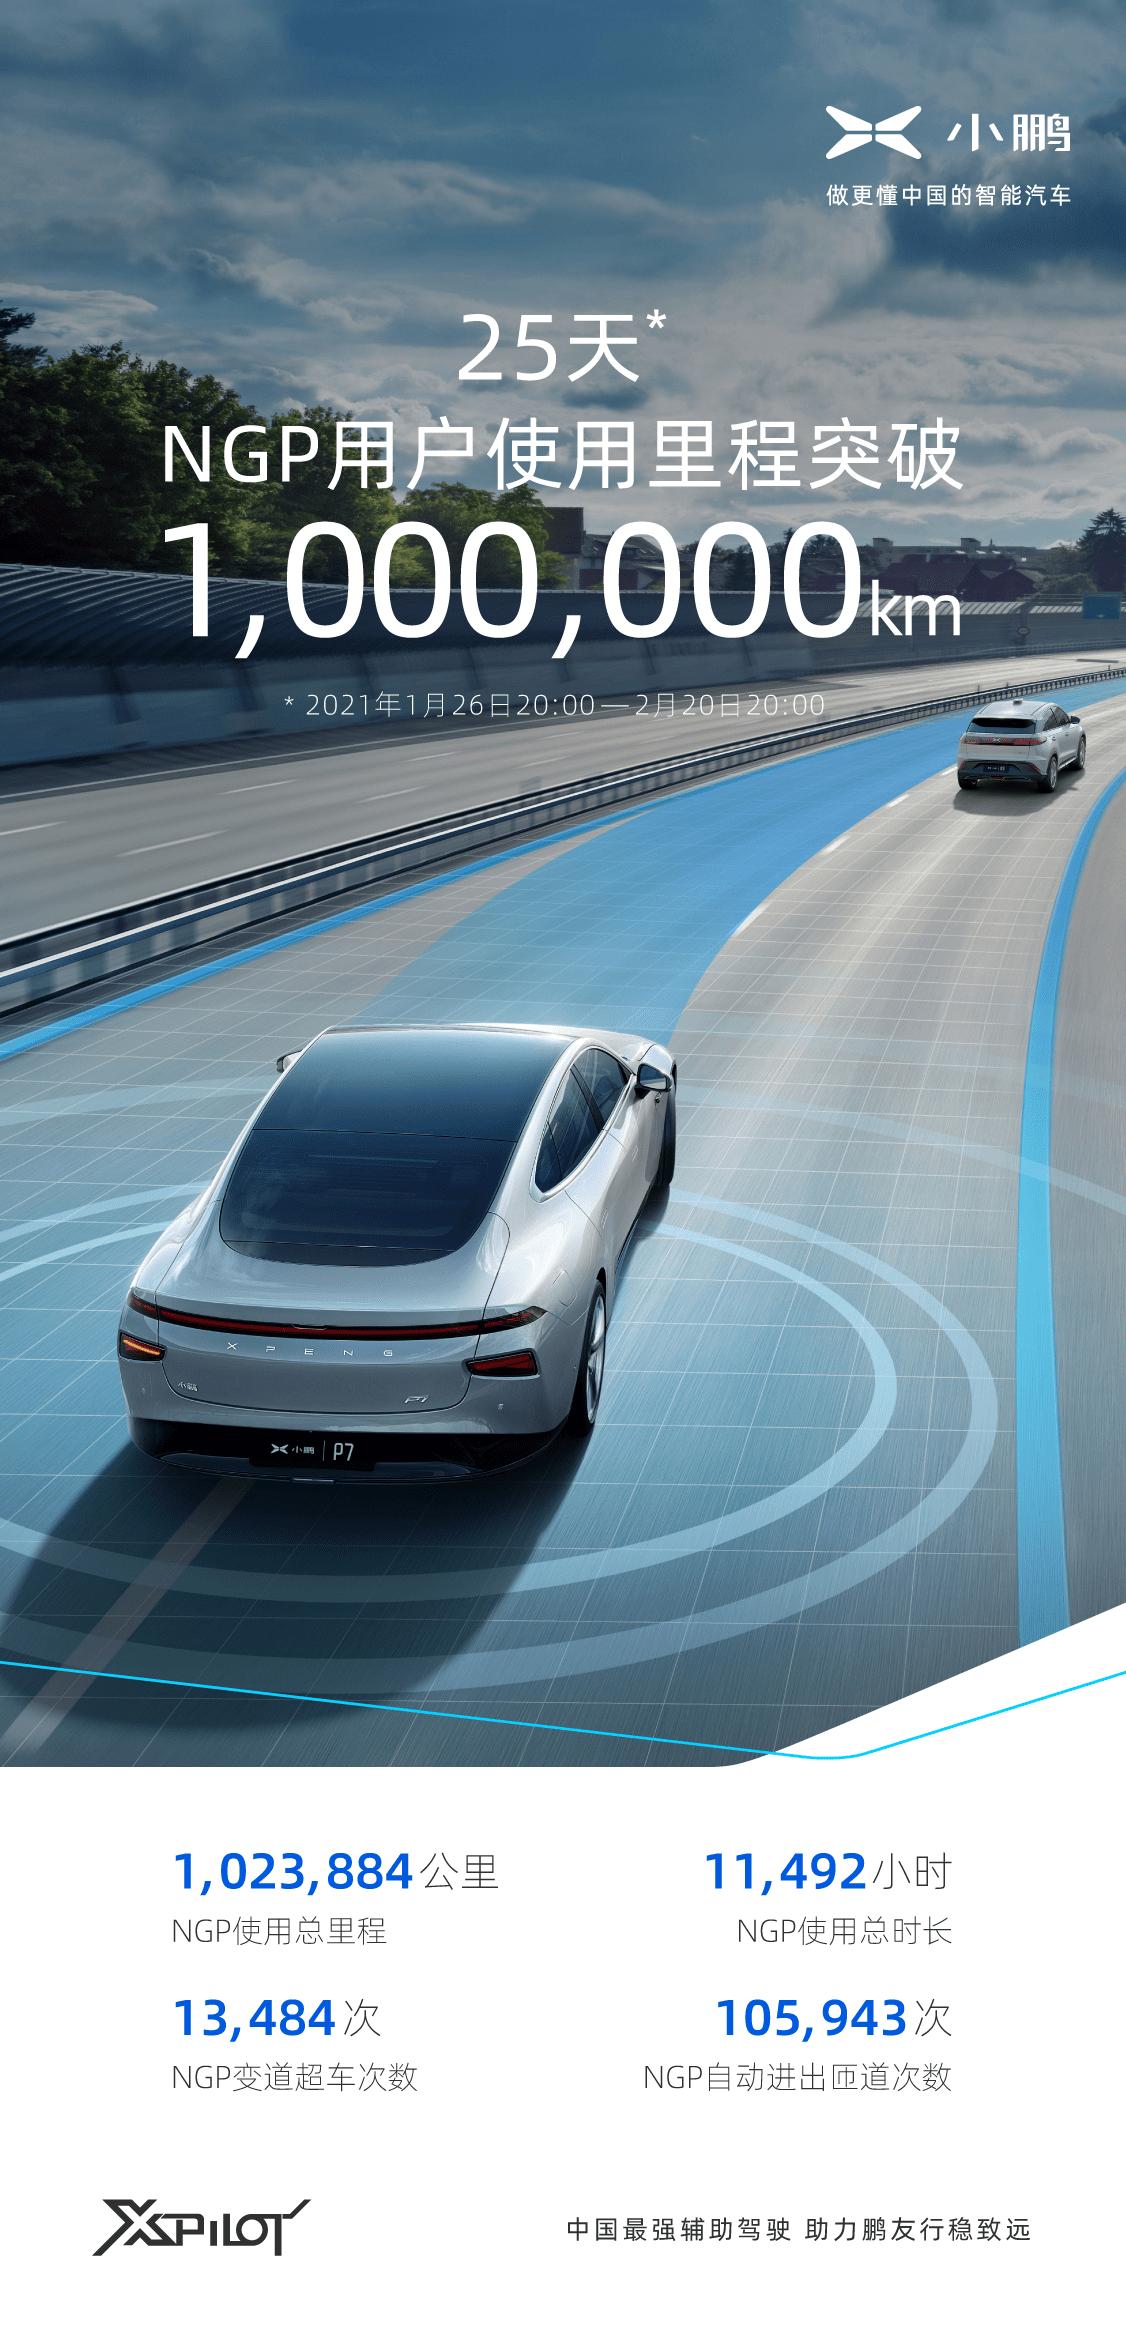 肖鹏汽车NGP自动导航辅助驾驶(公测版)上线,25天内用户里程突破百万公里